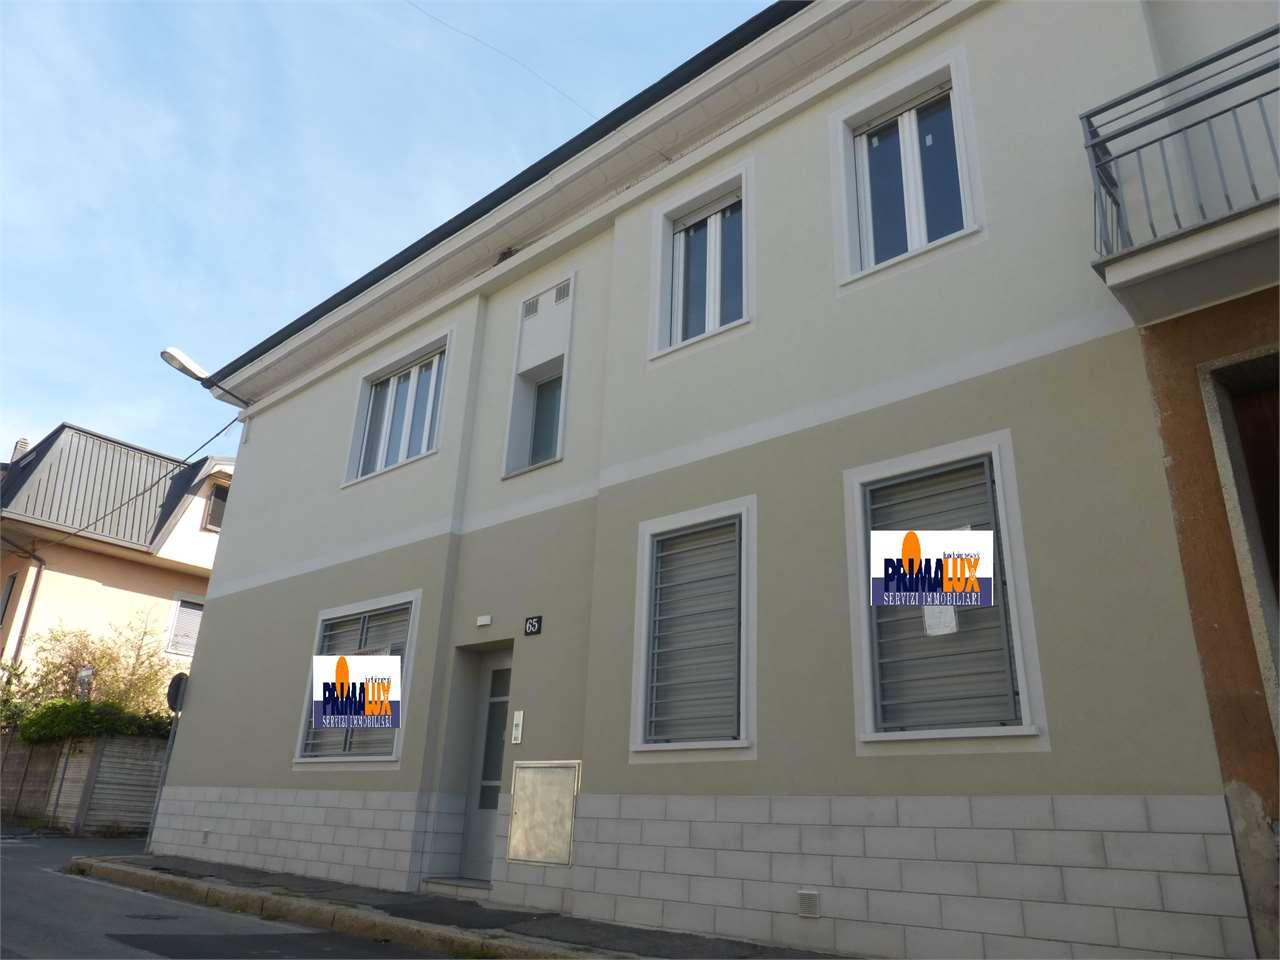 Vendita Bilocale Appartamento Cesano Maderno Via Cattaneo 23 88209